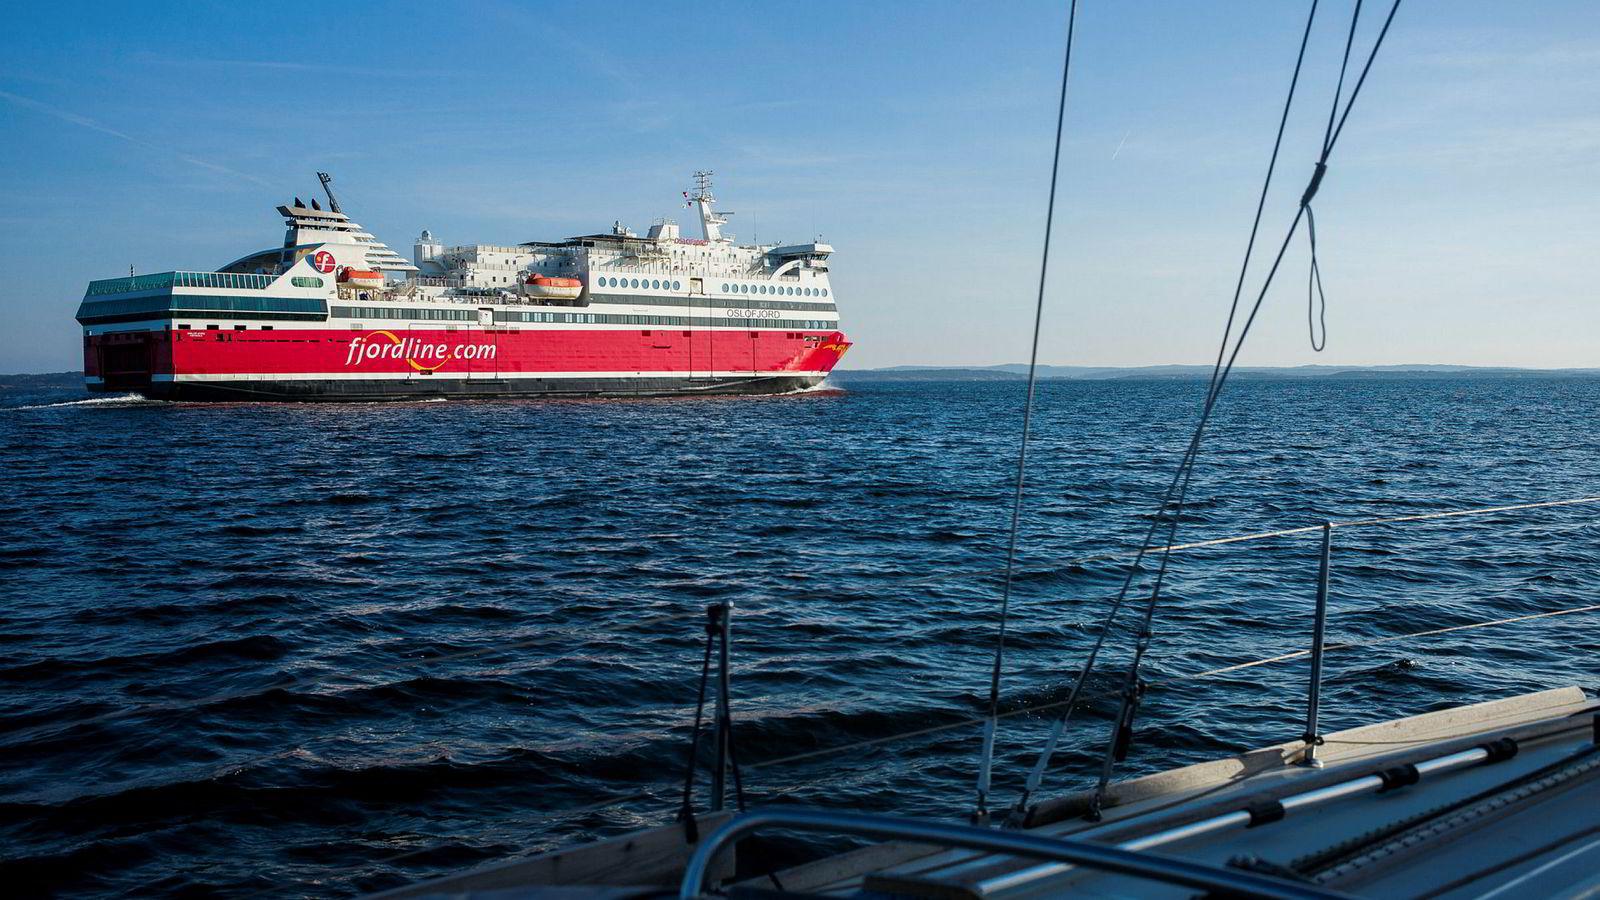 Fjord Line er Norges nest største fergerederi på rutene mellom Norge, Sverige og Danmark. Til høsten kan det bli solgt, ifølge en fersk rapport.